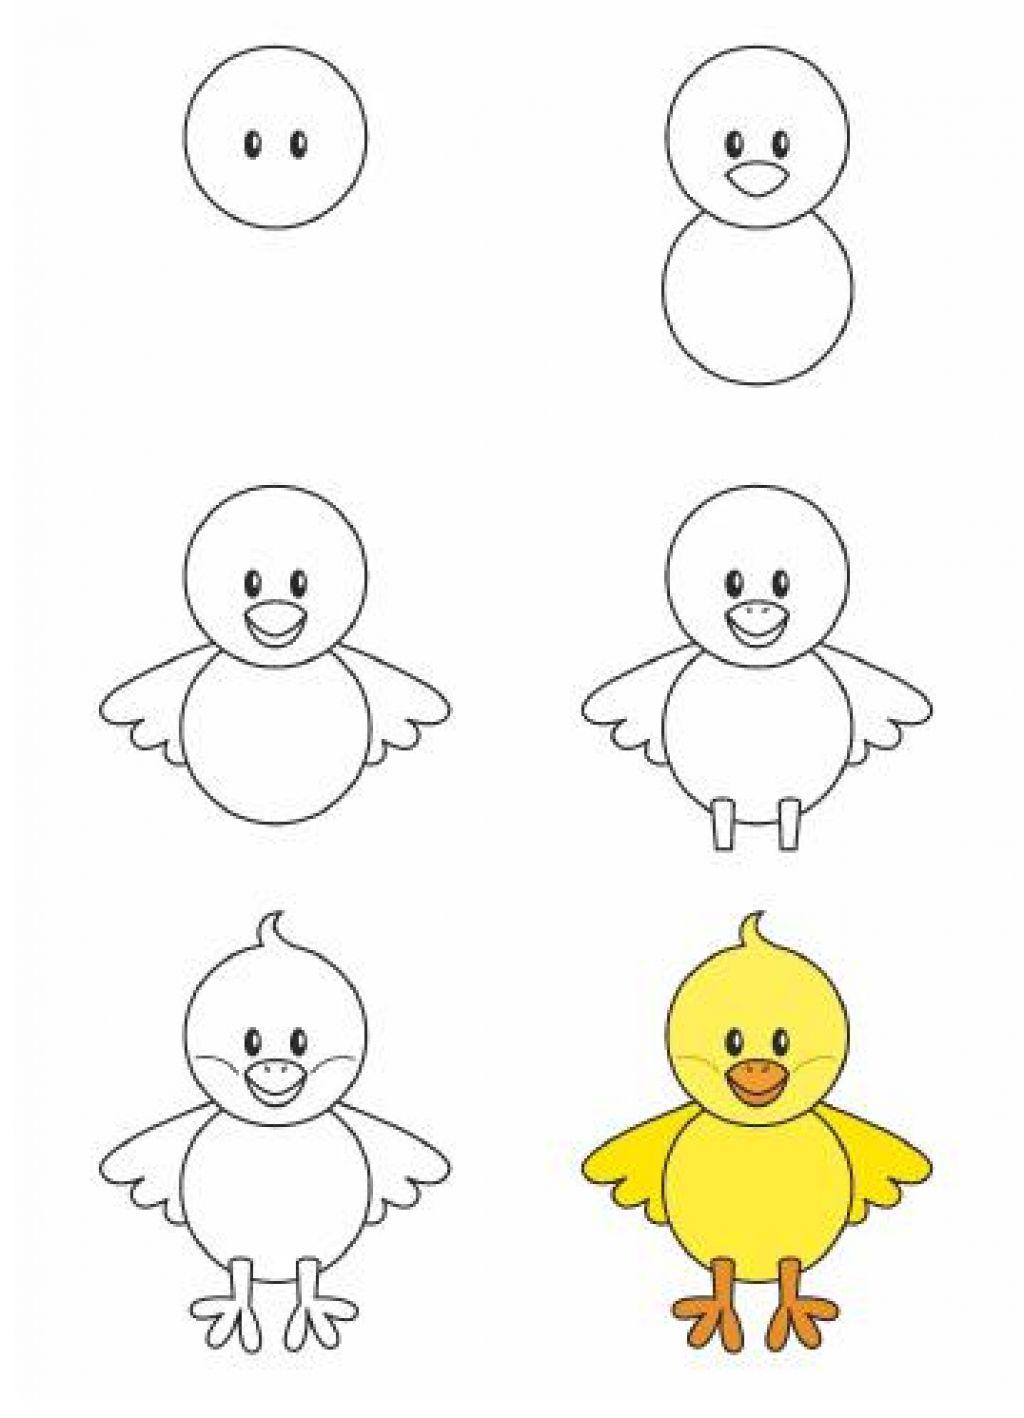 Apprendre À Dessiner Aux Enfants, Étape Par Étape! 17 pour Image Facile A Reproduire